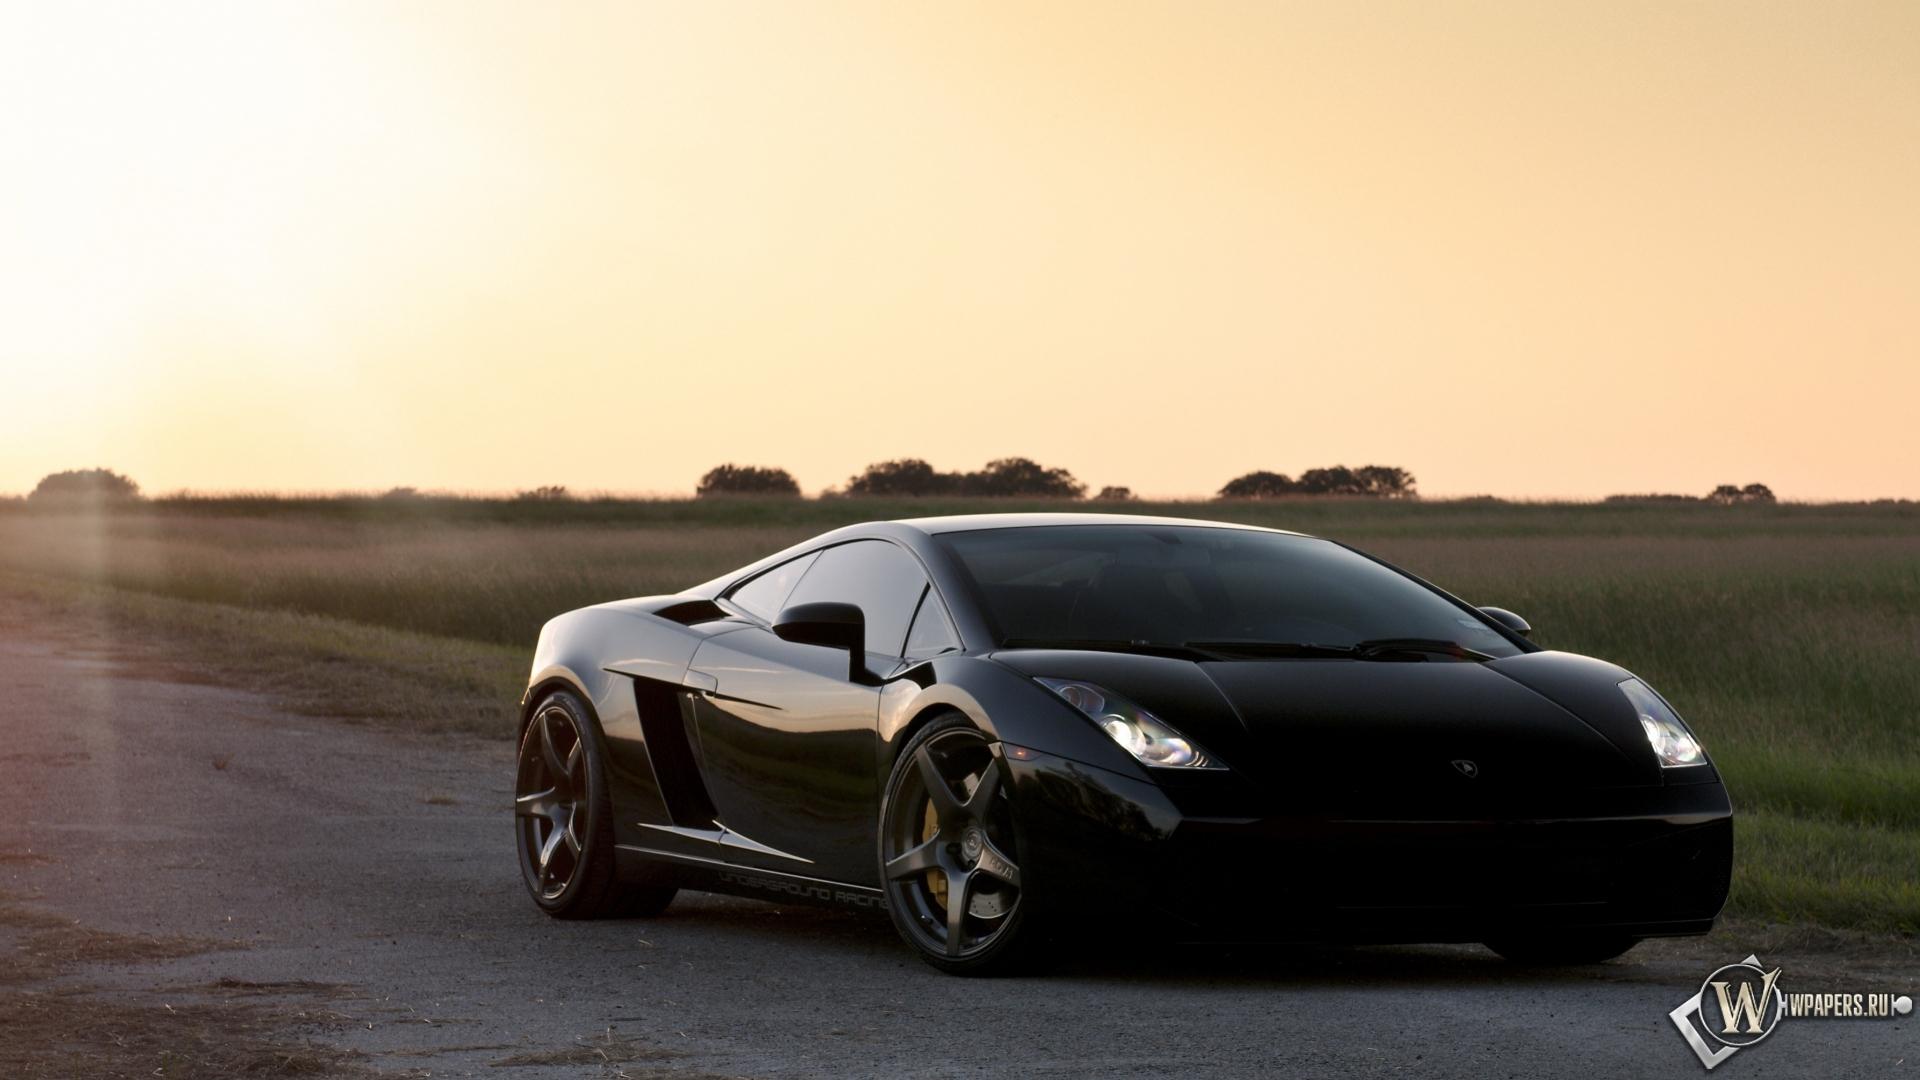 Lamborghini Gallardo 1920x1080